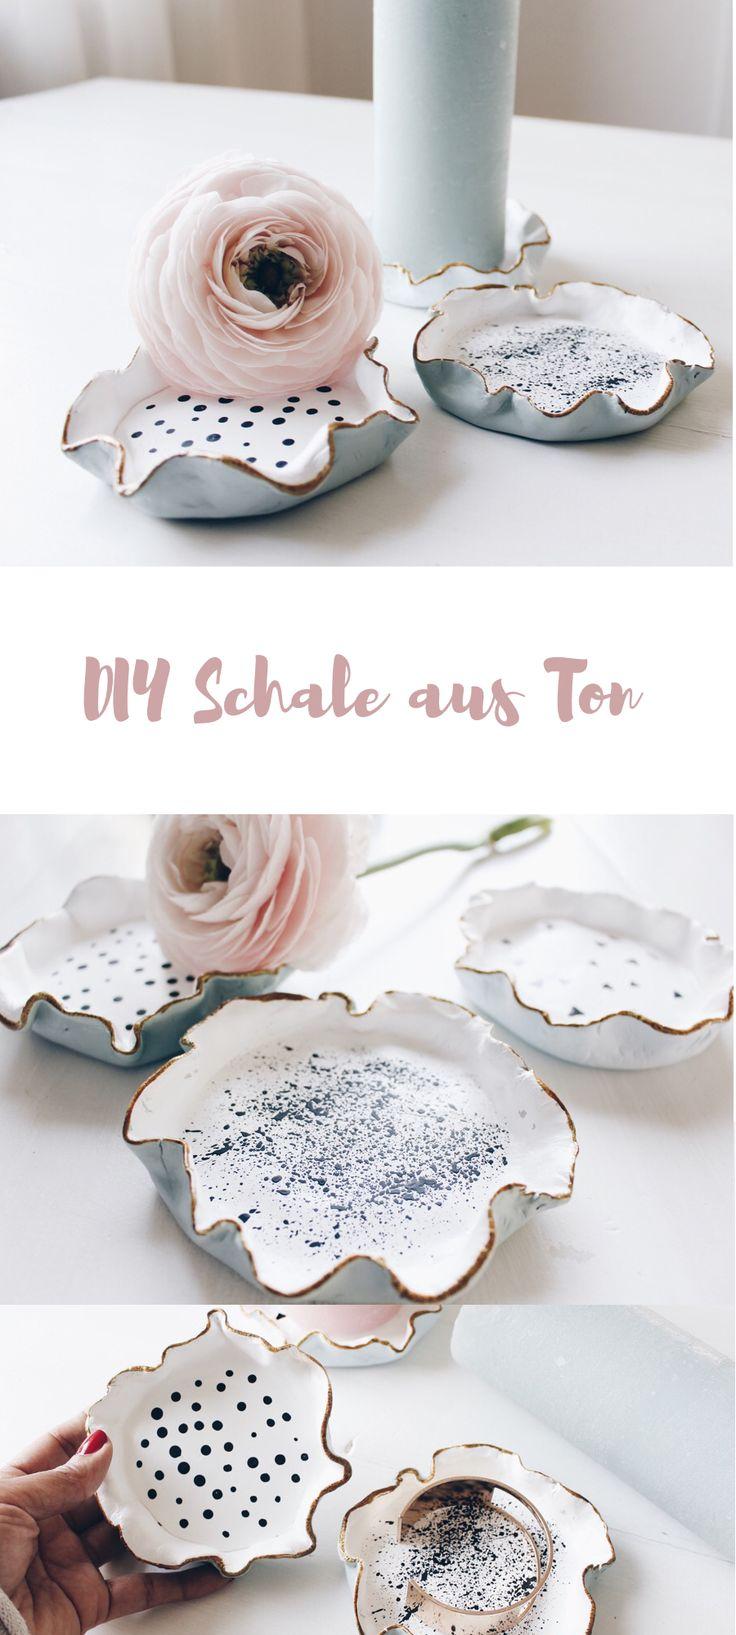 DIY Schale aus Ton – Aus grau wird bunt